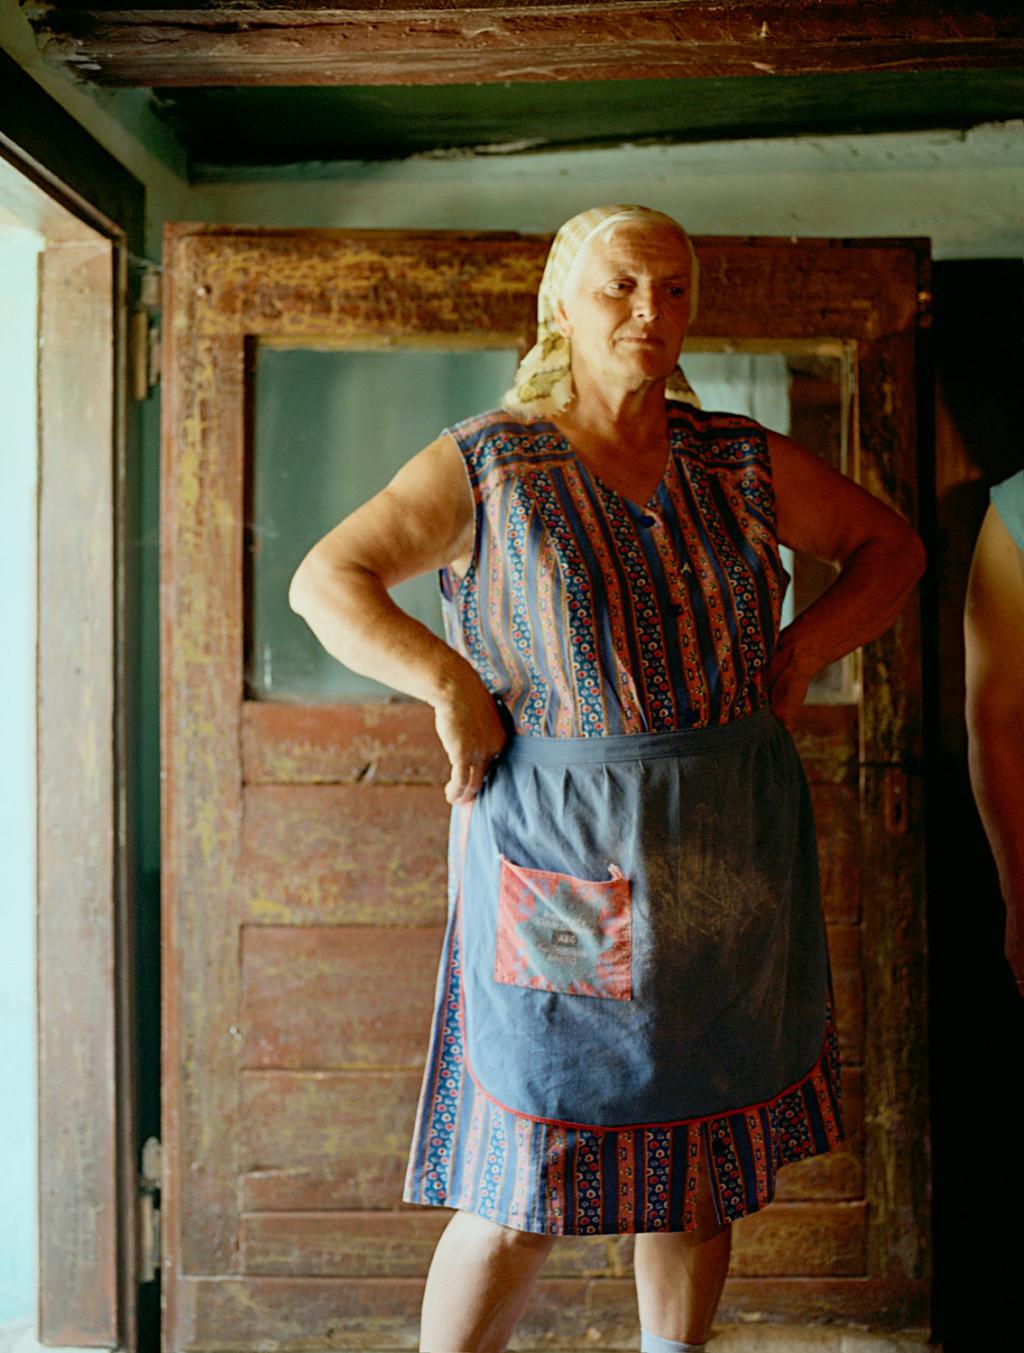 Jason Lowe Transylvania